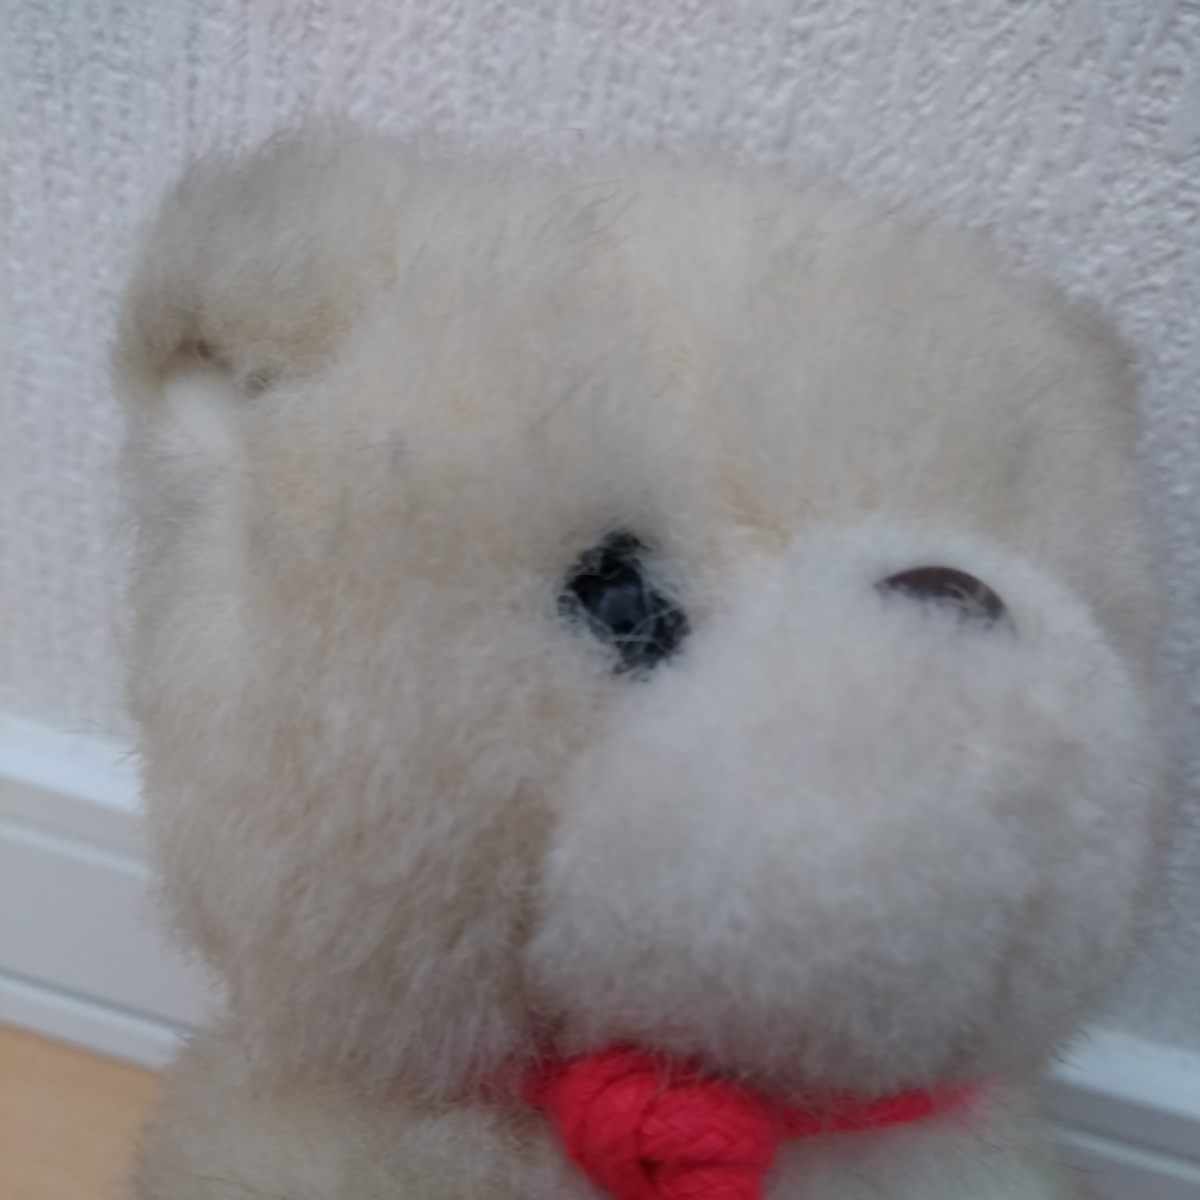 昭和 レトロ ぬいぐるみ 人形 サンリオ キャラクター 犬 イヌ 動物 当時物 検索 キキララ キティ マイメロ コレクター _画像8